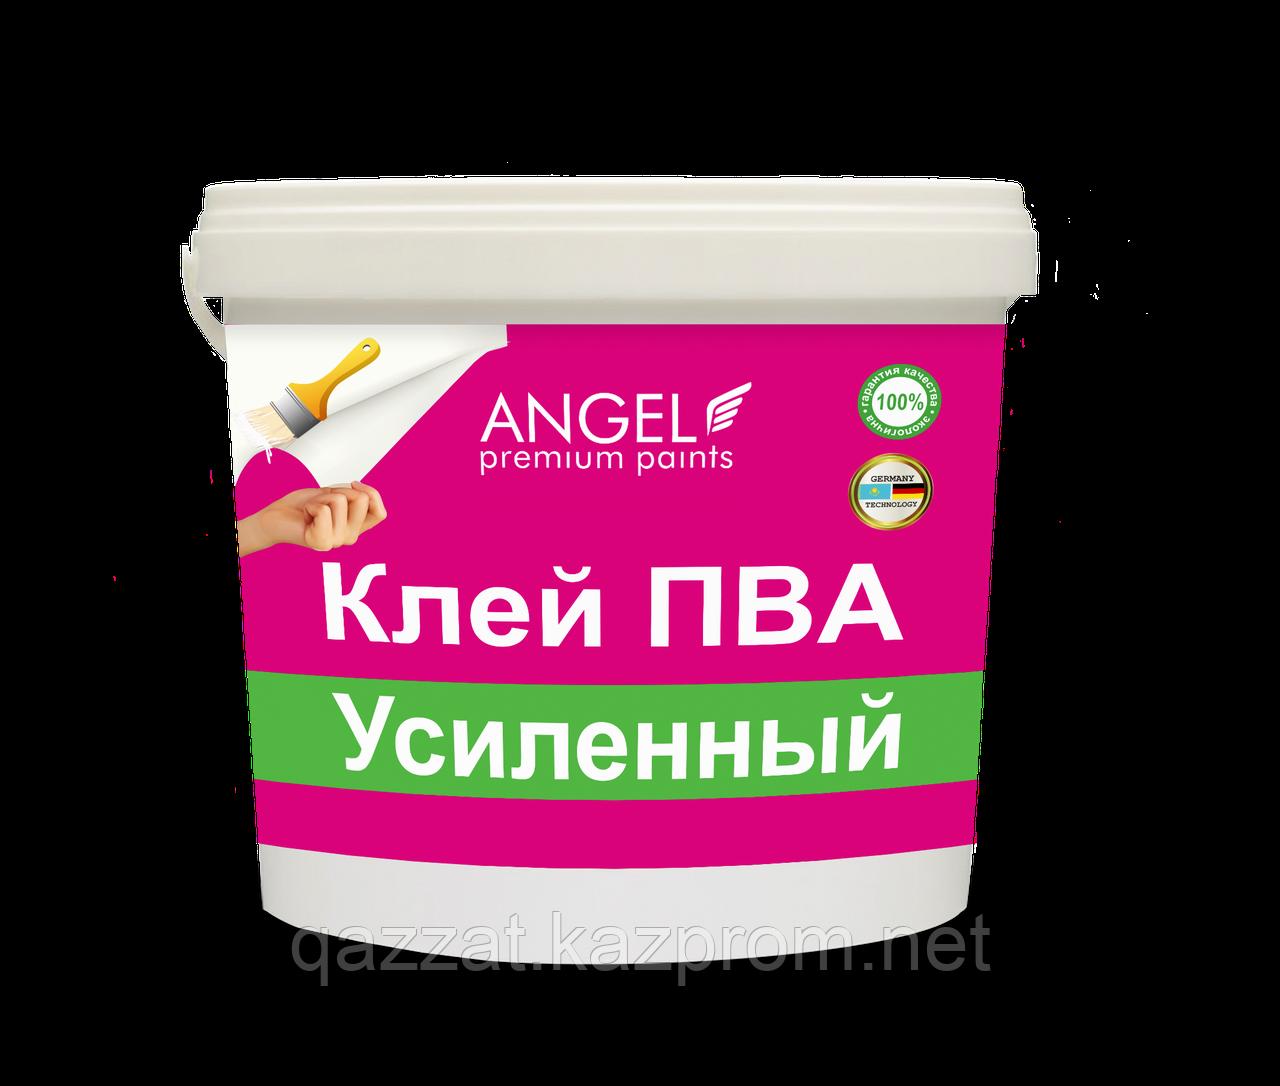 """Клей ПВА усиленный """"Angel""""  5 кг"""